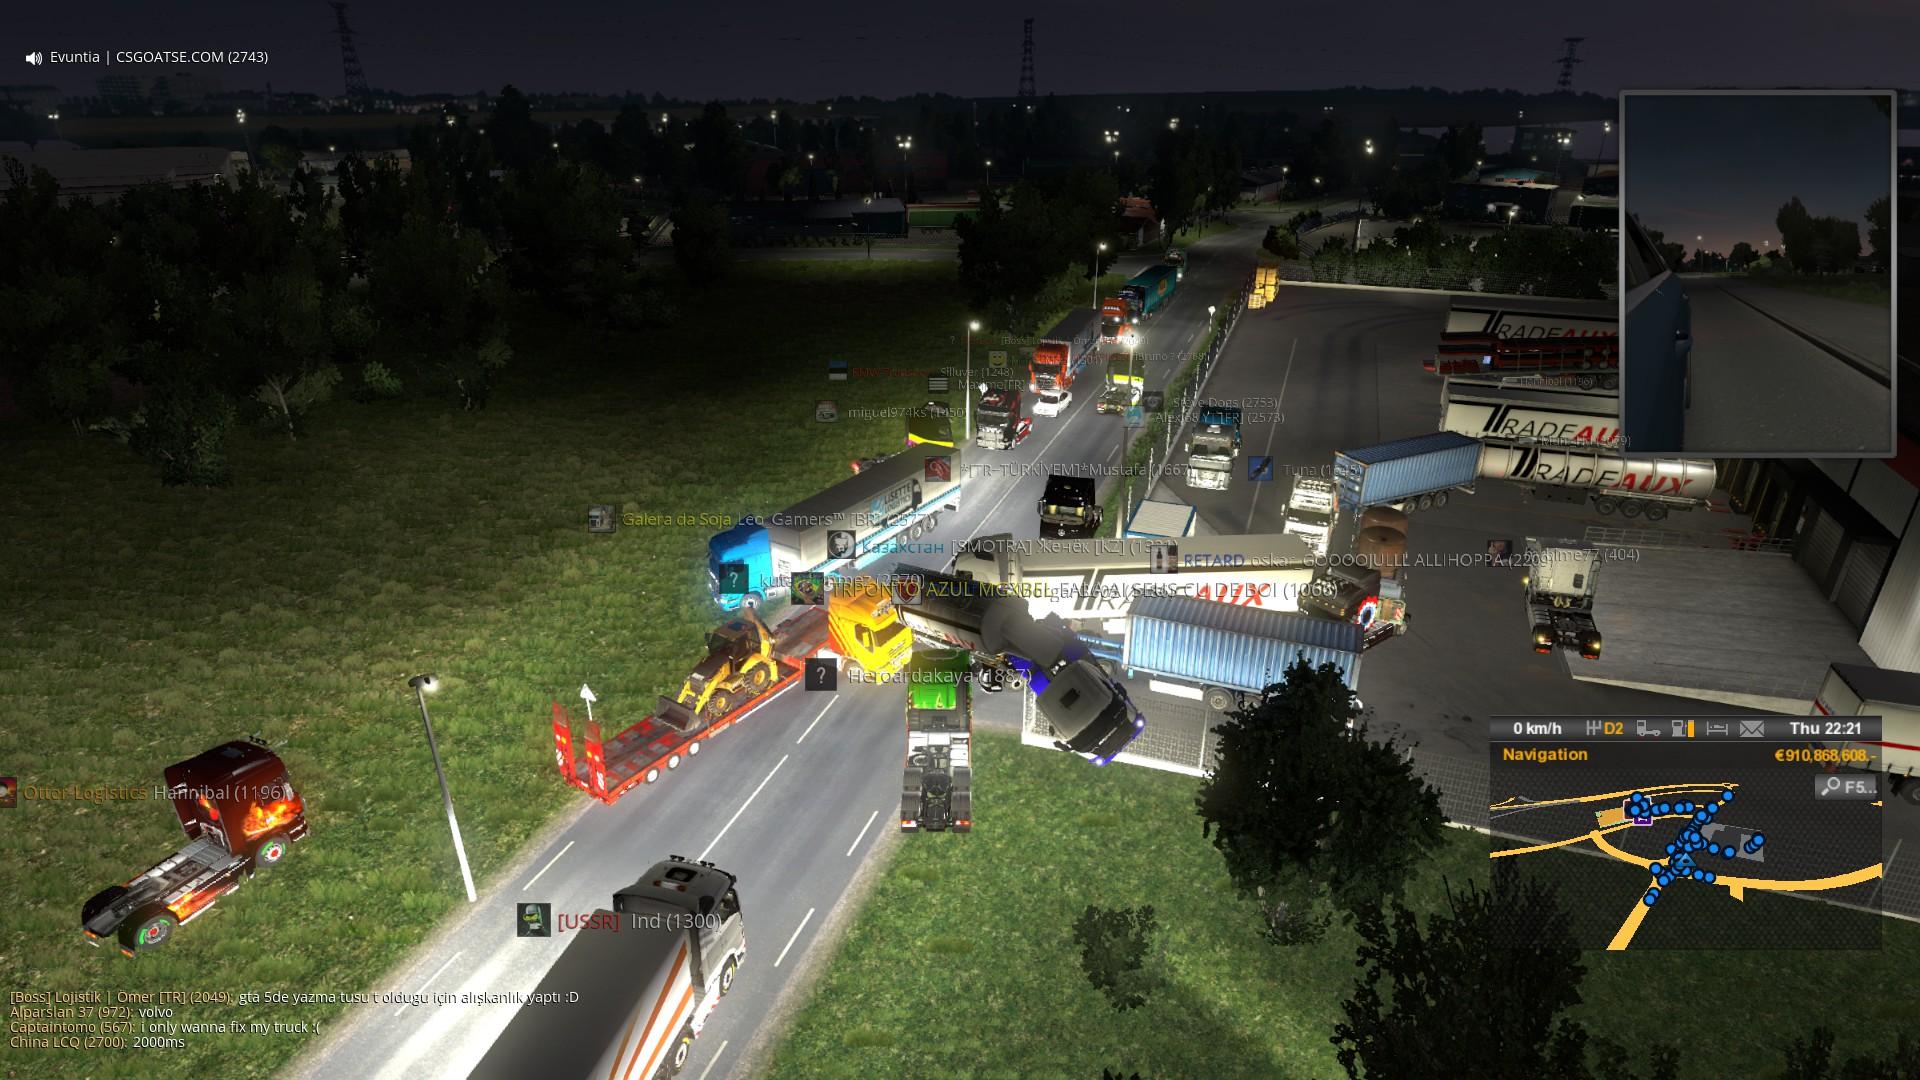 Zahlreiche LKW bei einem schweren Unfall